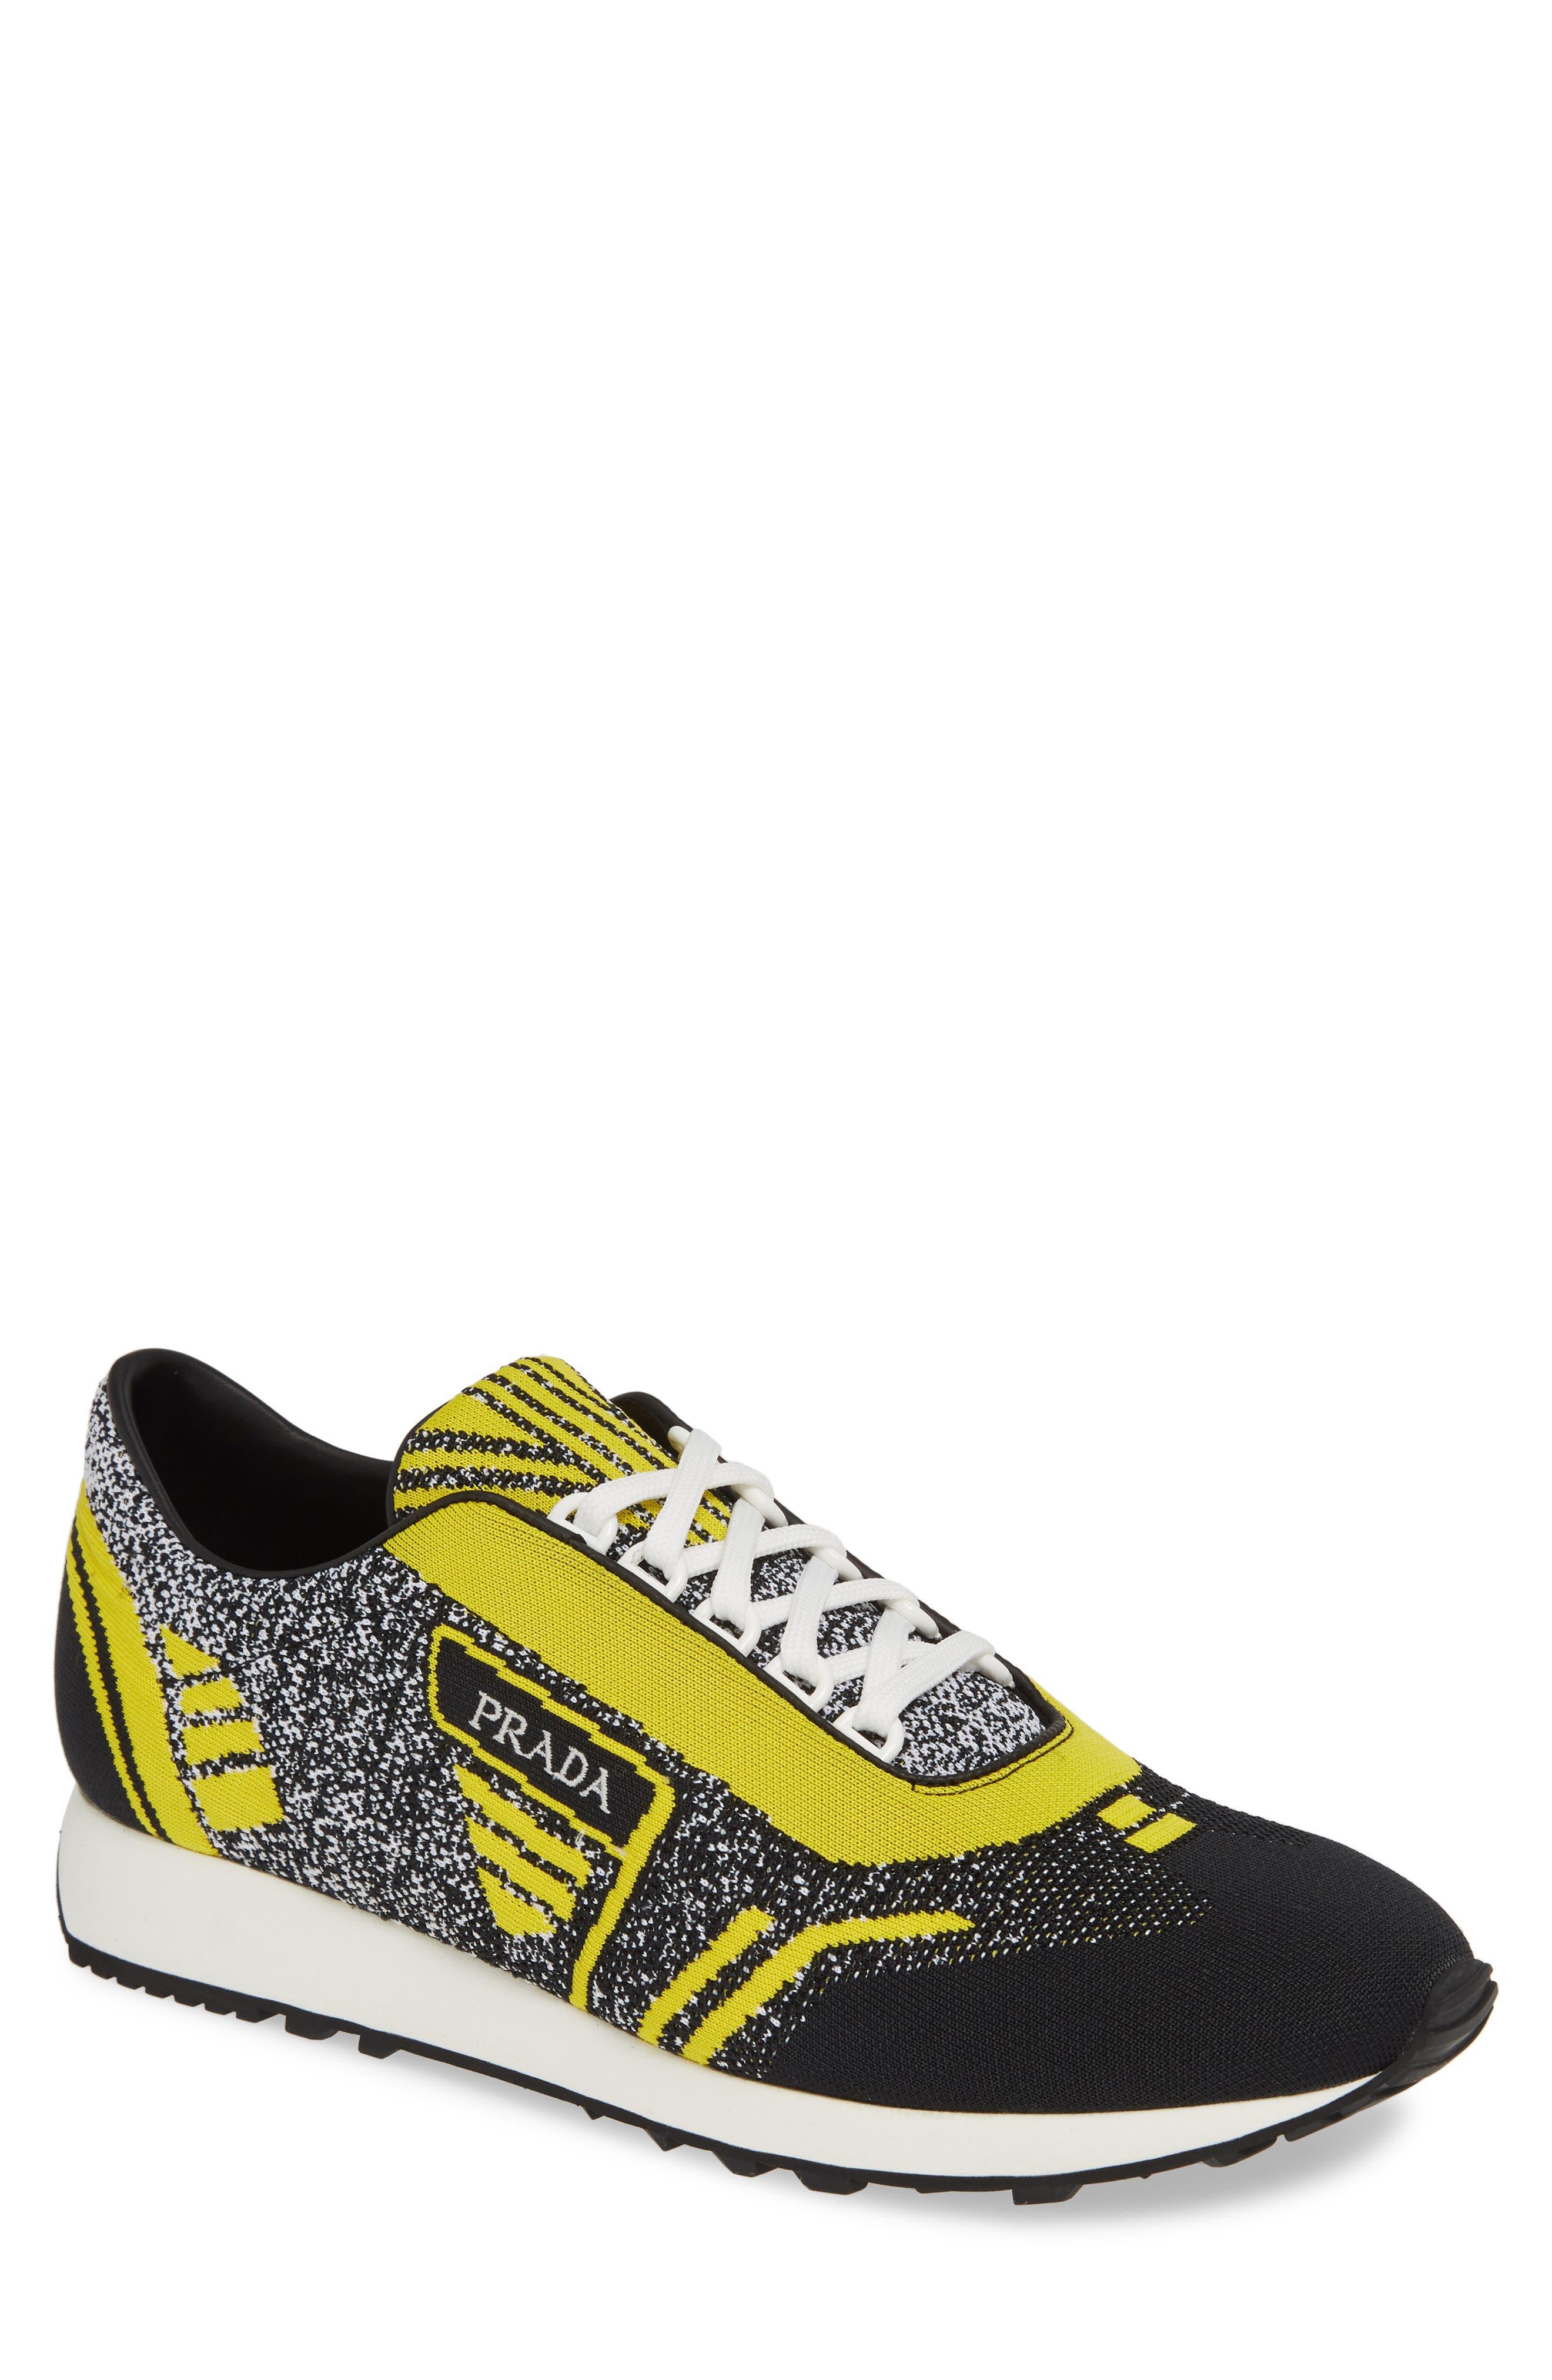 Retro Trainer Sneaker, Main, color, NERO GIALLO